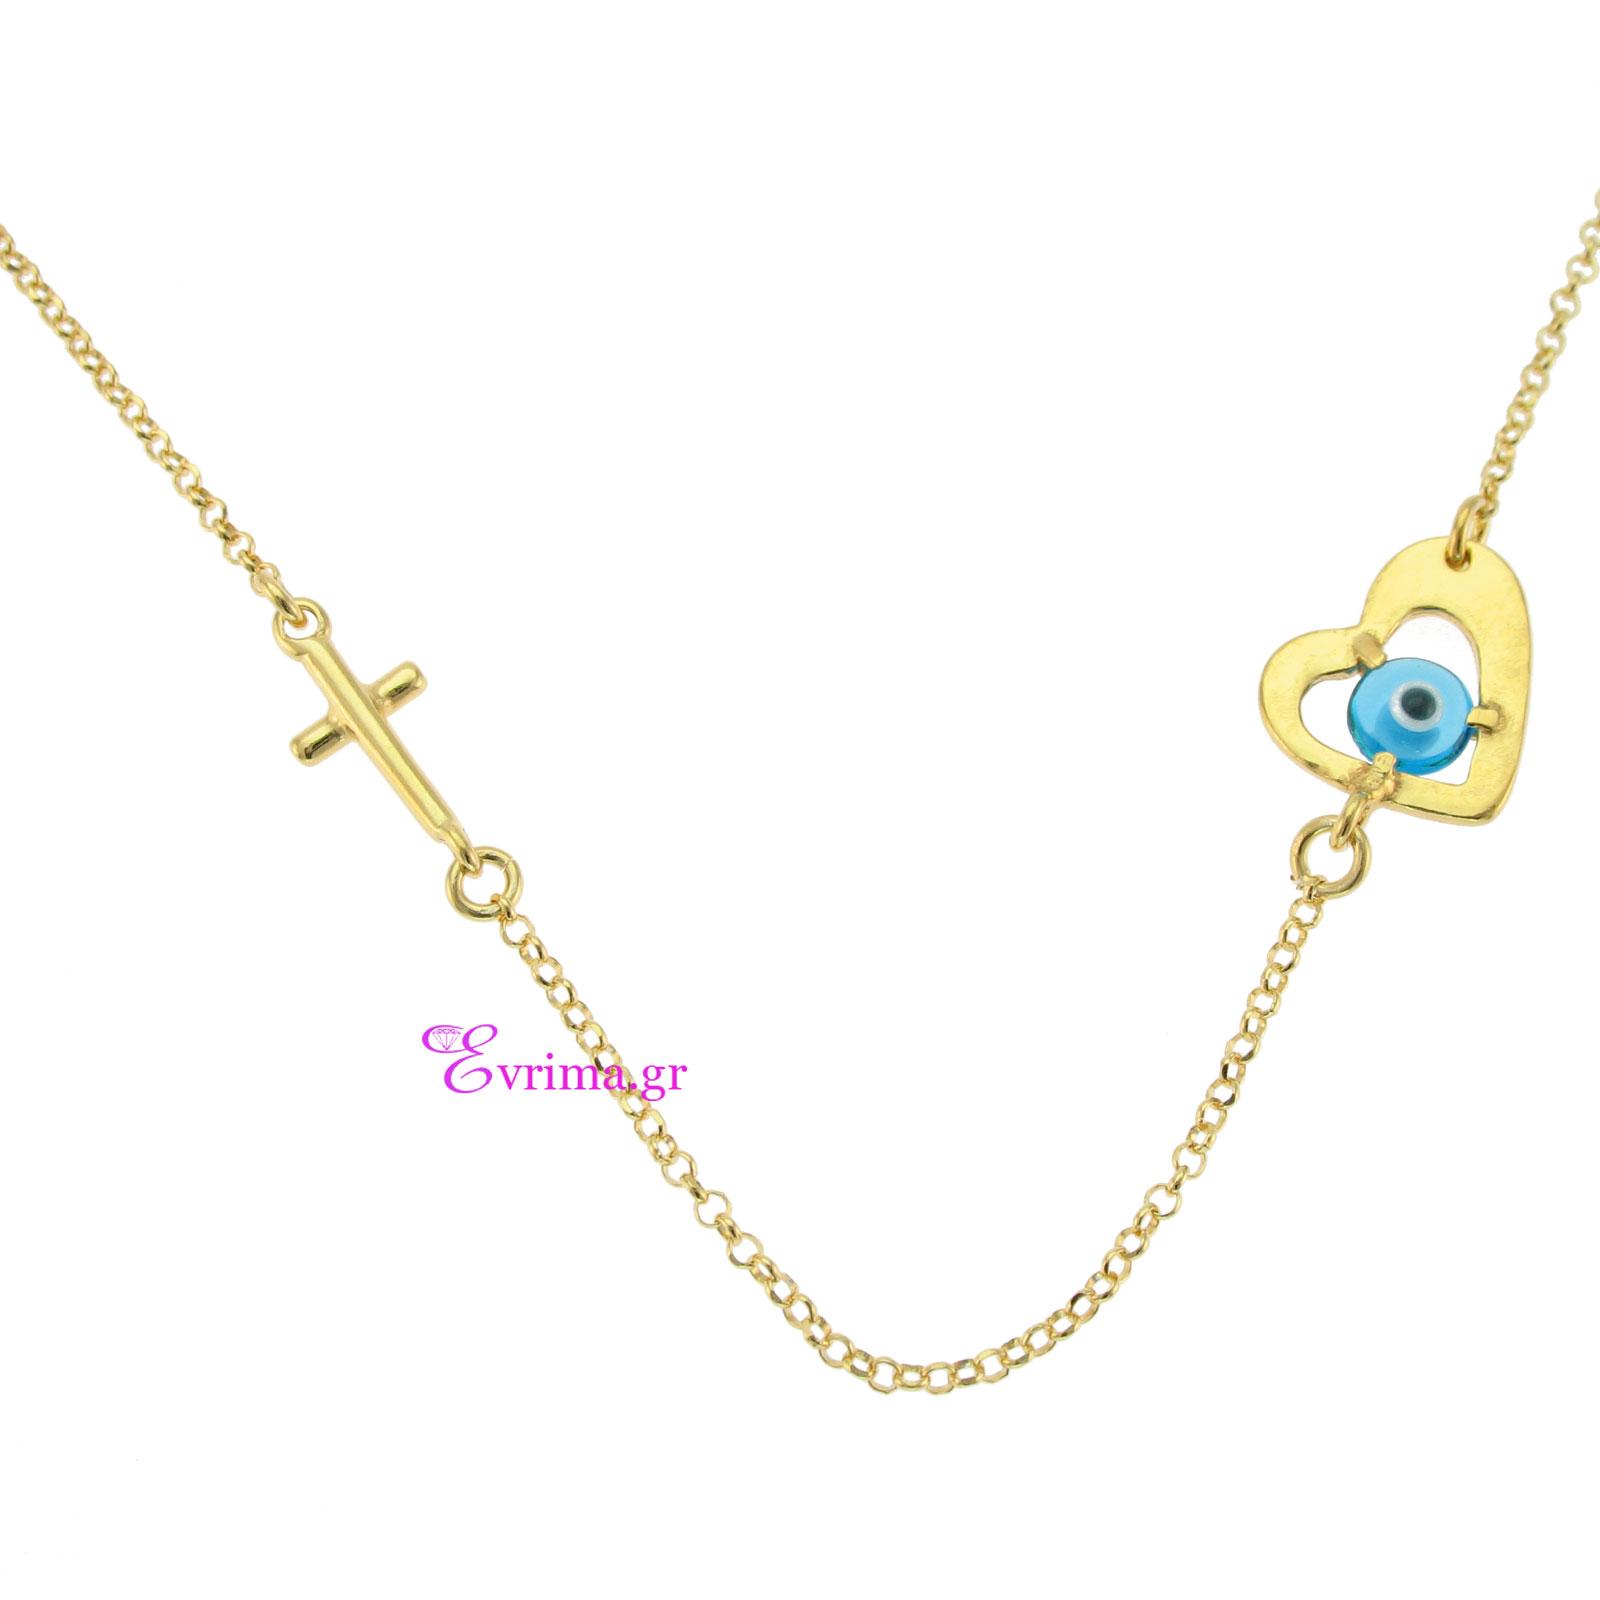 Χειροποίητο κολιέ (Σταυρός και Καρδιά) από επιχρυσωμένο ασήμι 925ο με  ημιπολύτιμες πέτρες (Ματάκι). IJ-040048 e94115bb62f